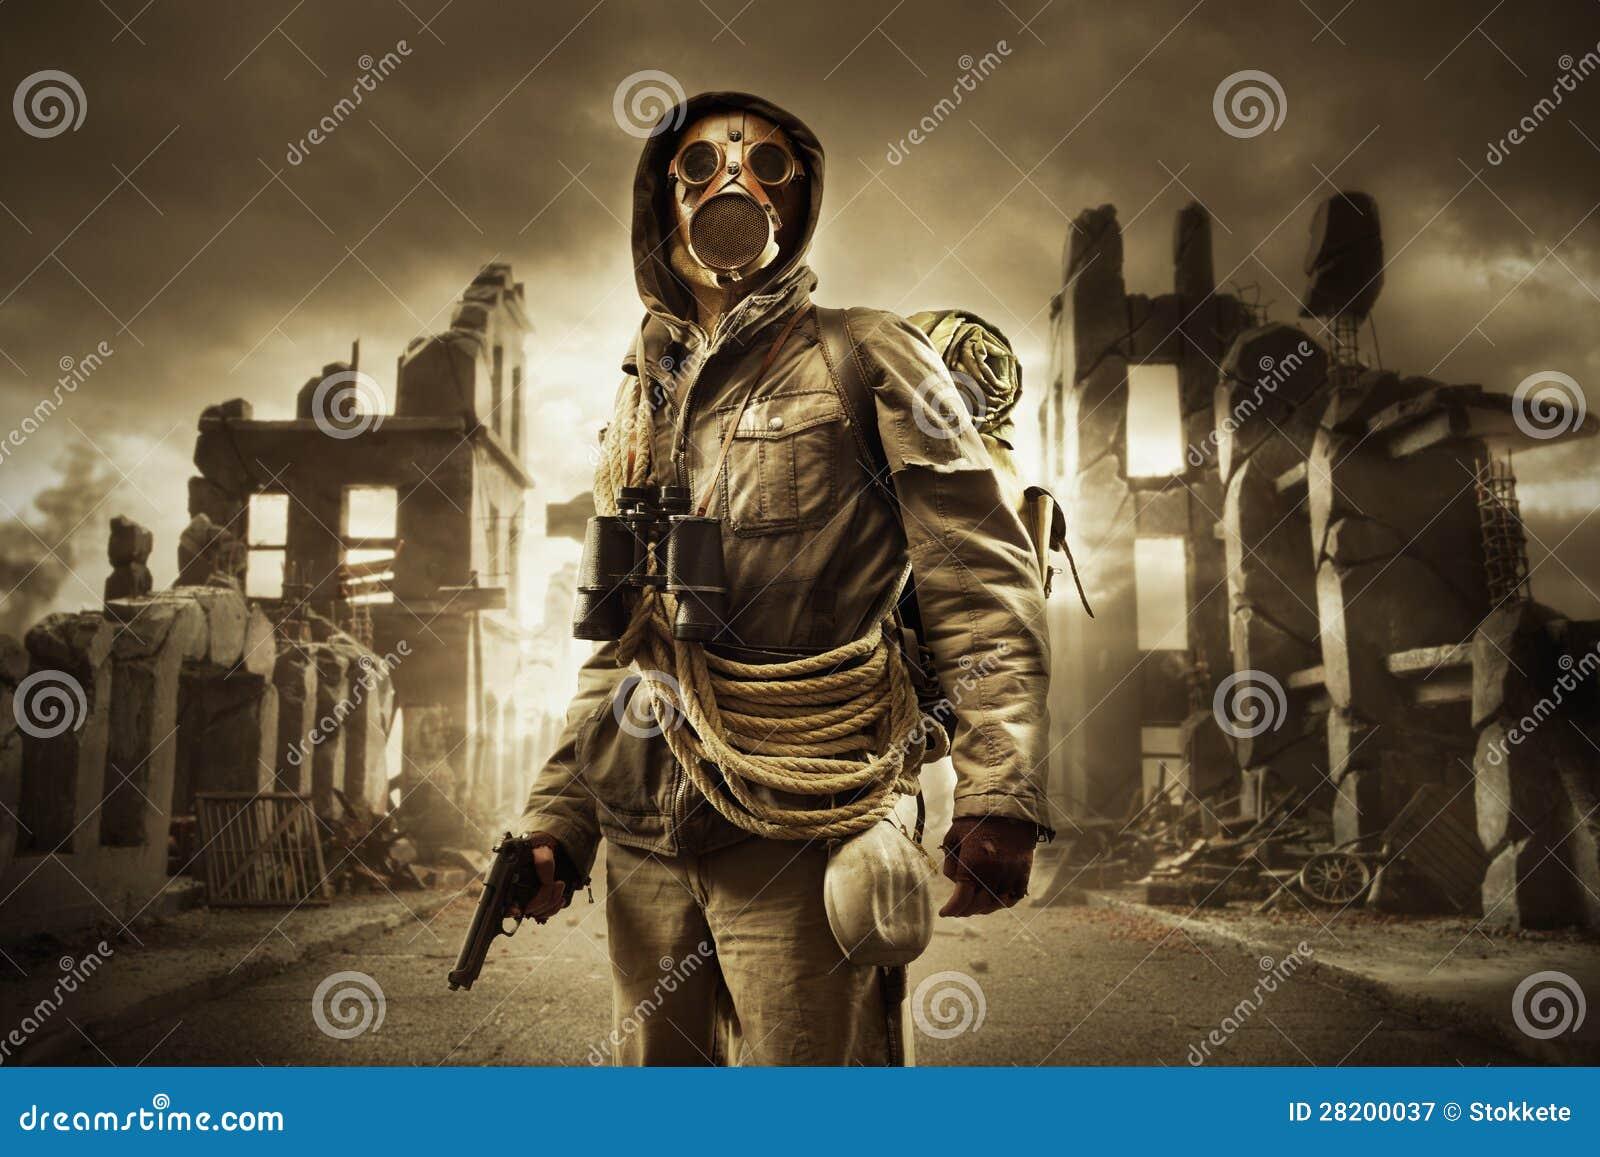 Afixe o sobrevivente apocalíptico na máscara de gás